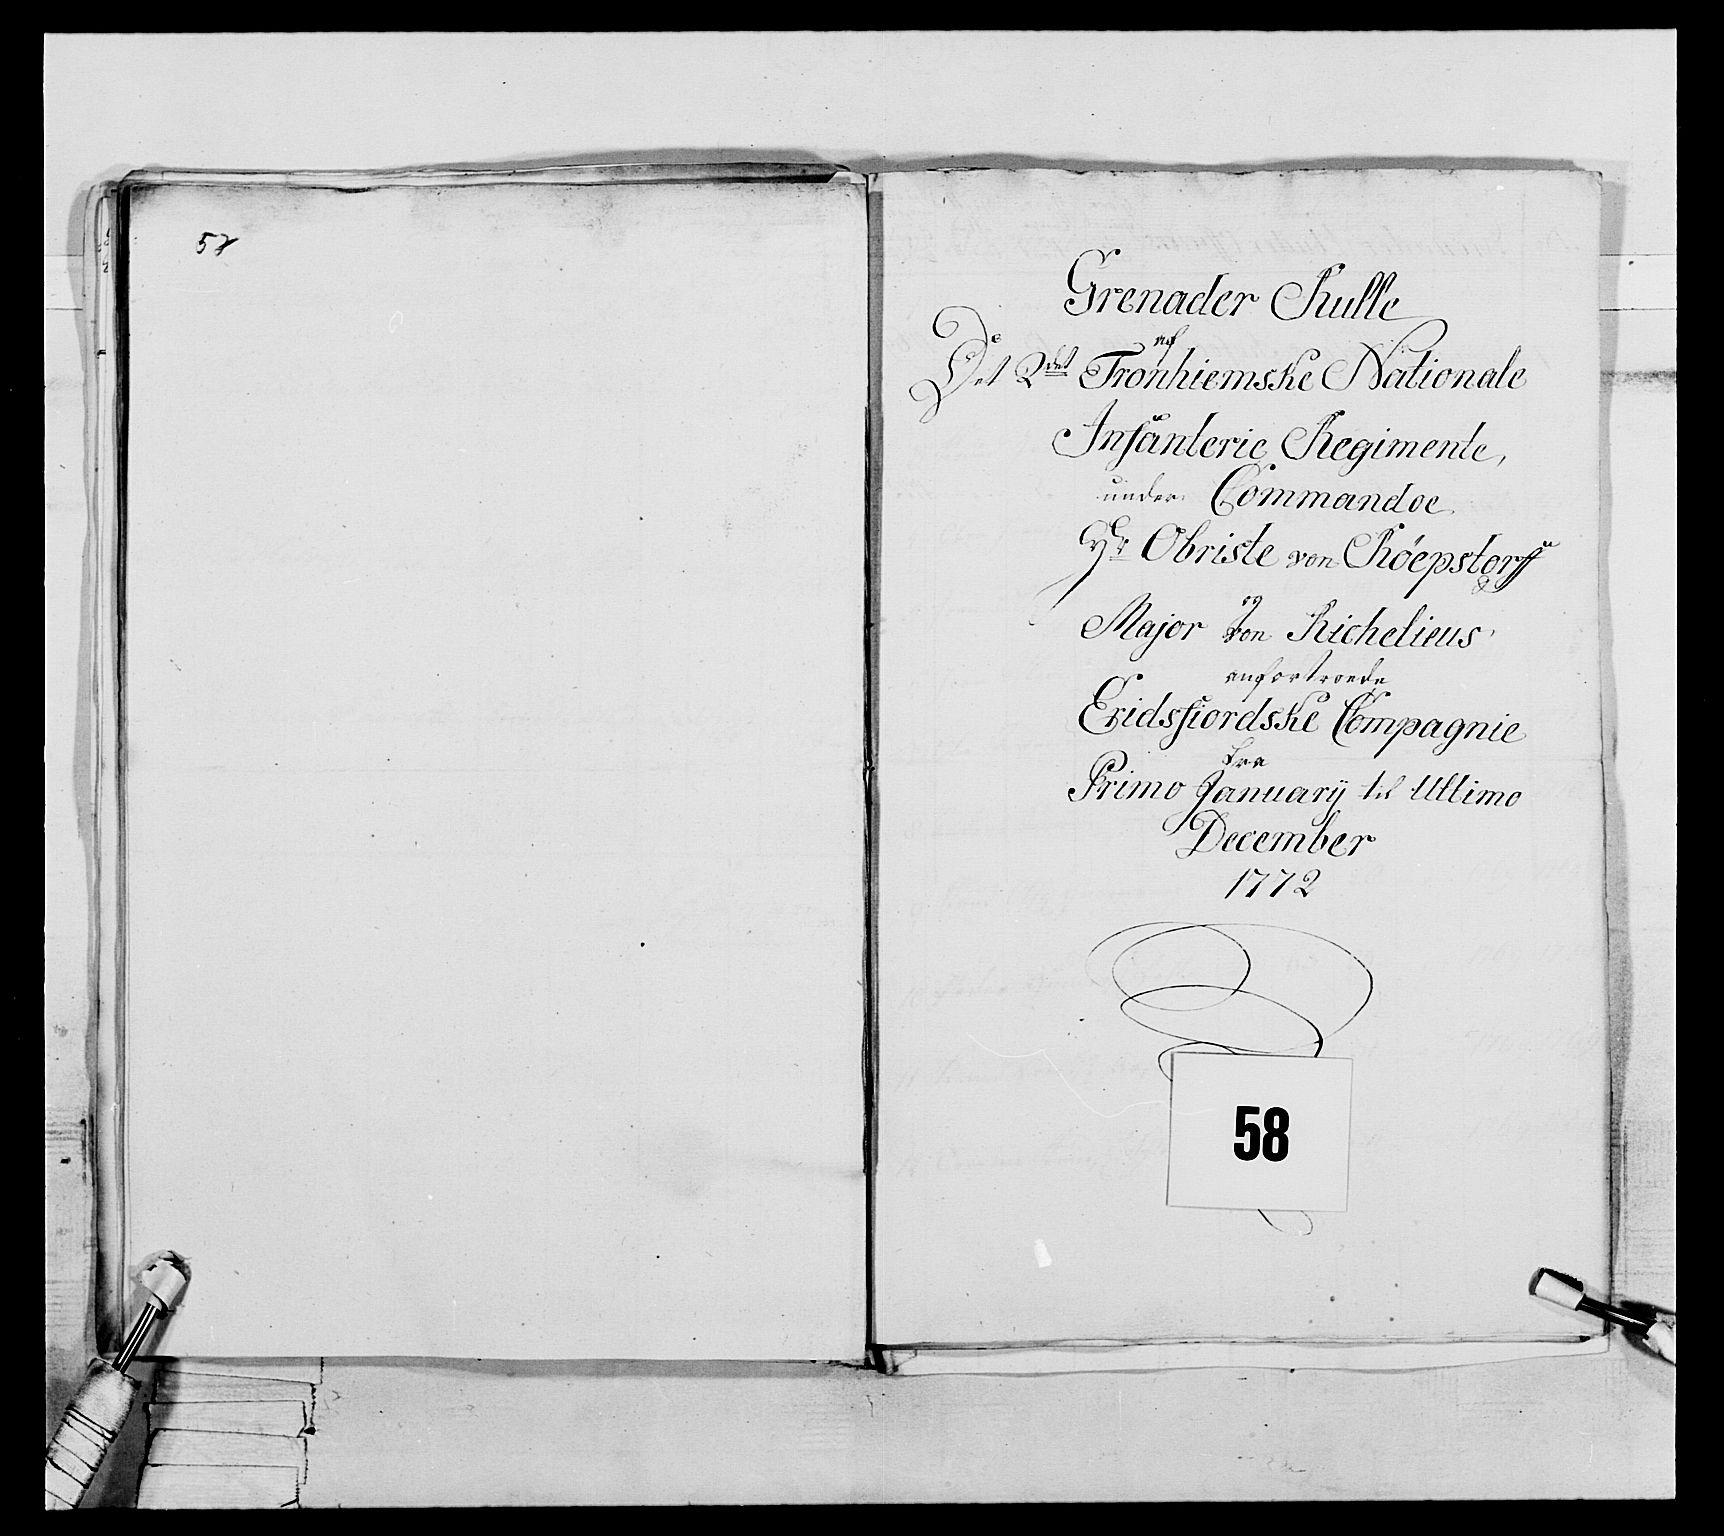 RA, Generalitets- og kommissariatskollegiet, Det kongelige norske kommissariatskollegium, E/Eh/L0076: 2. Trondheimske nasjonale infanteriregiment, 1766-1773, s. 200